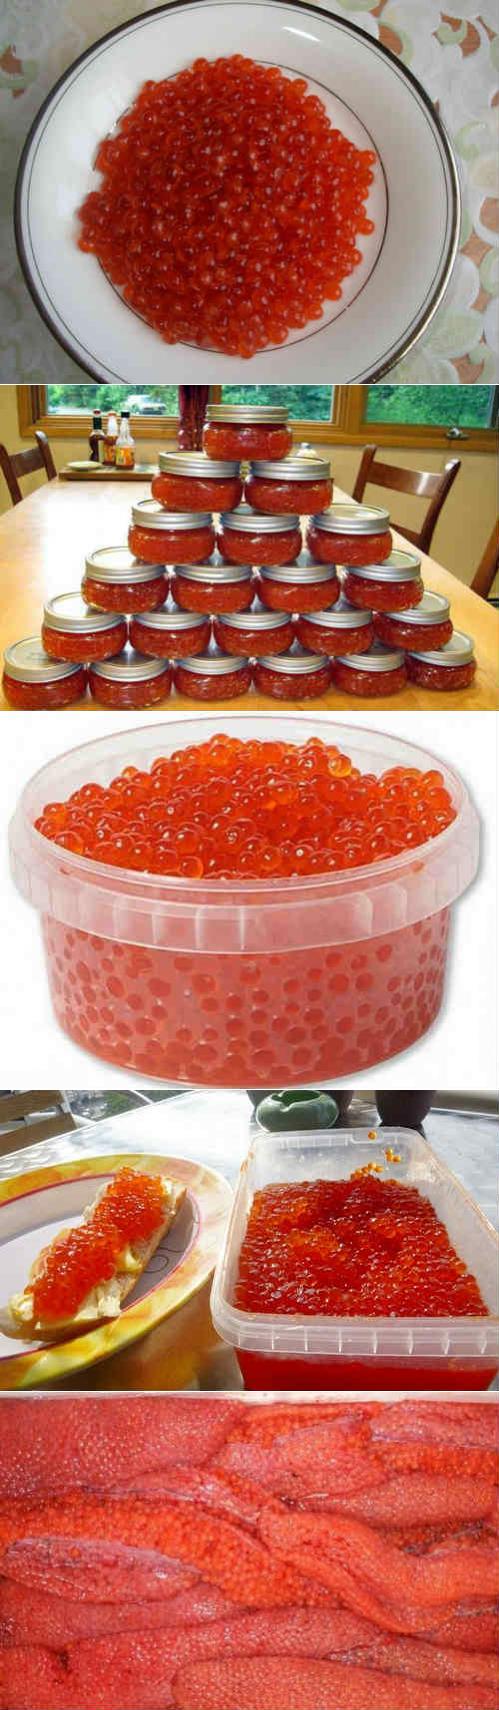 Как посолить красную икру горбуши в домашних условиях